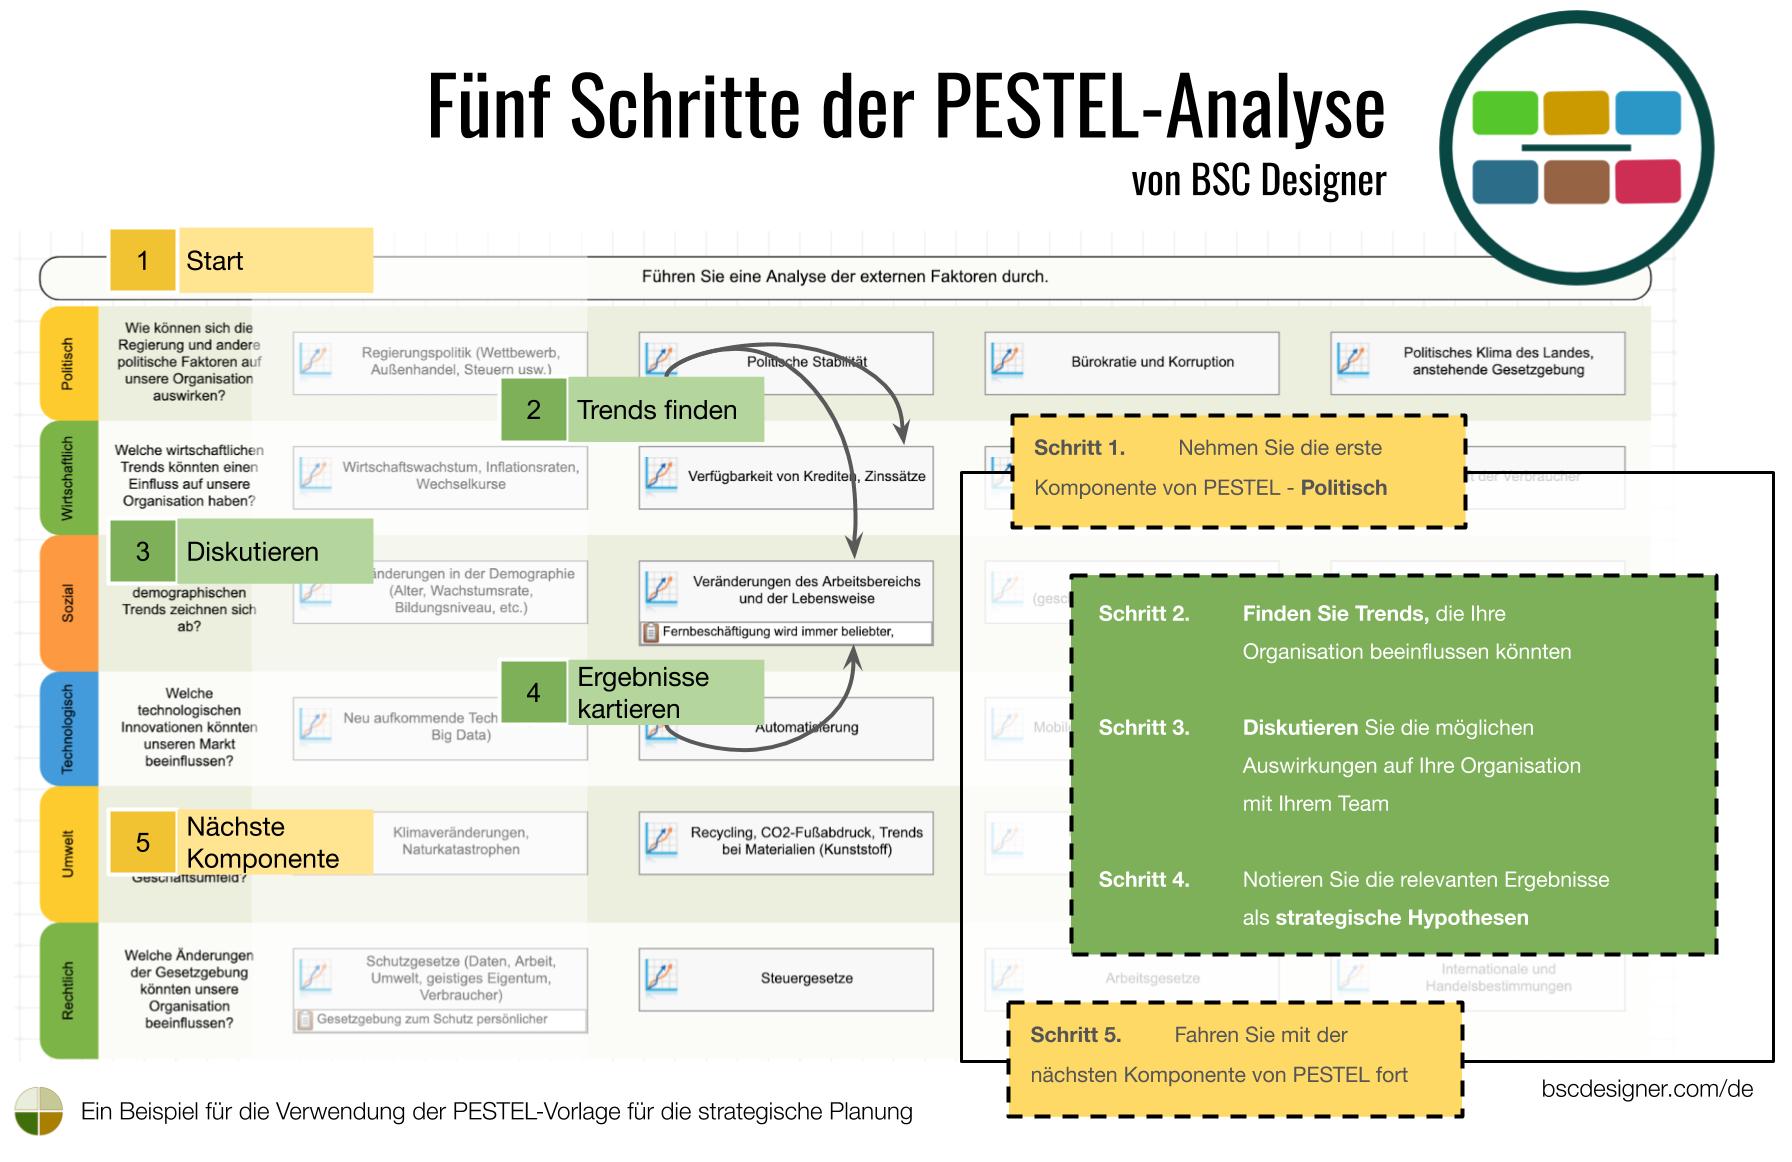 Fünf Schritte der PESTEL-Analyse